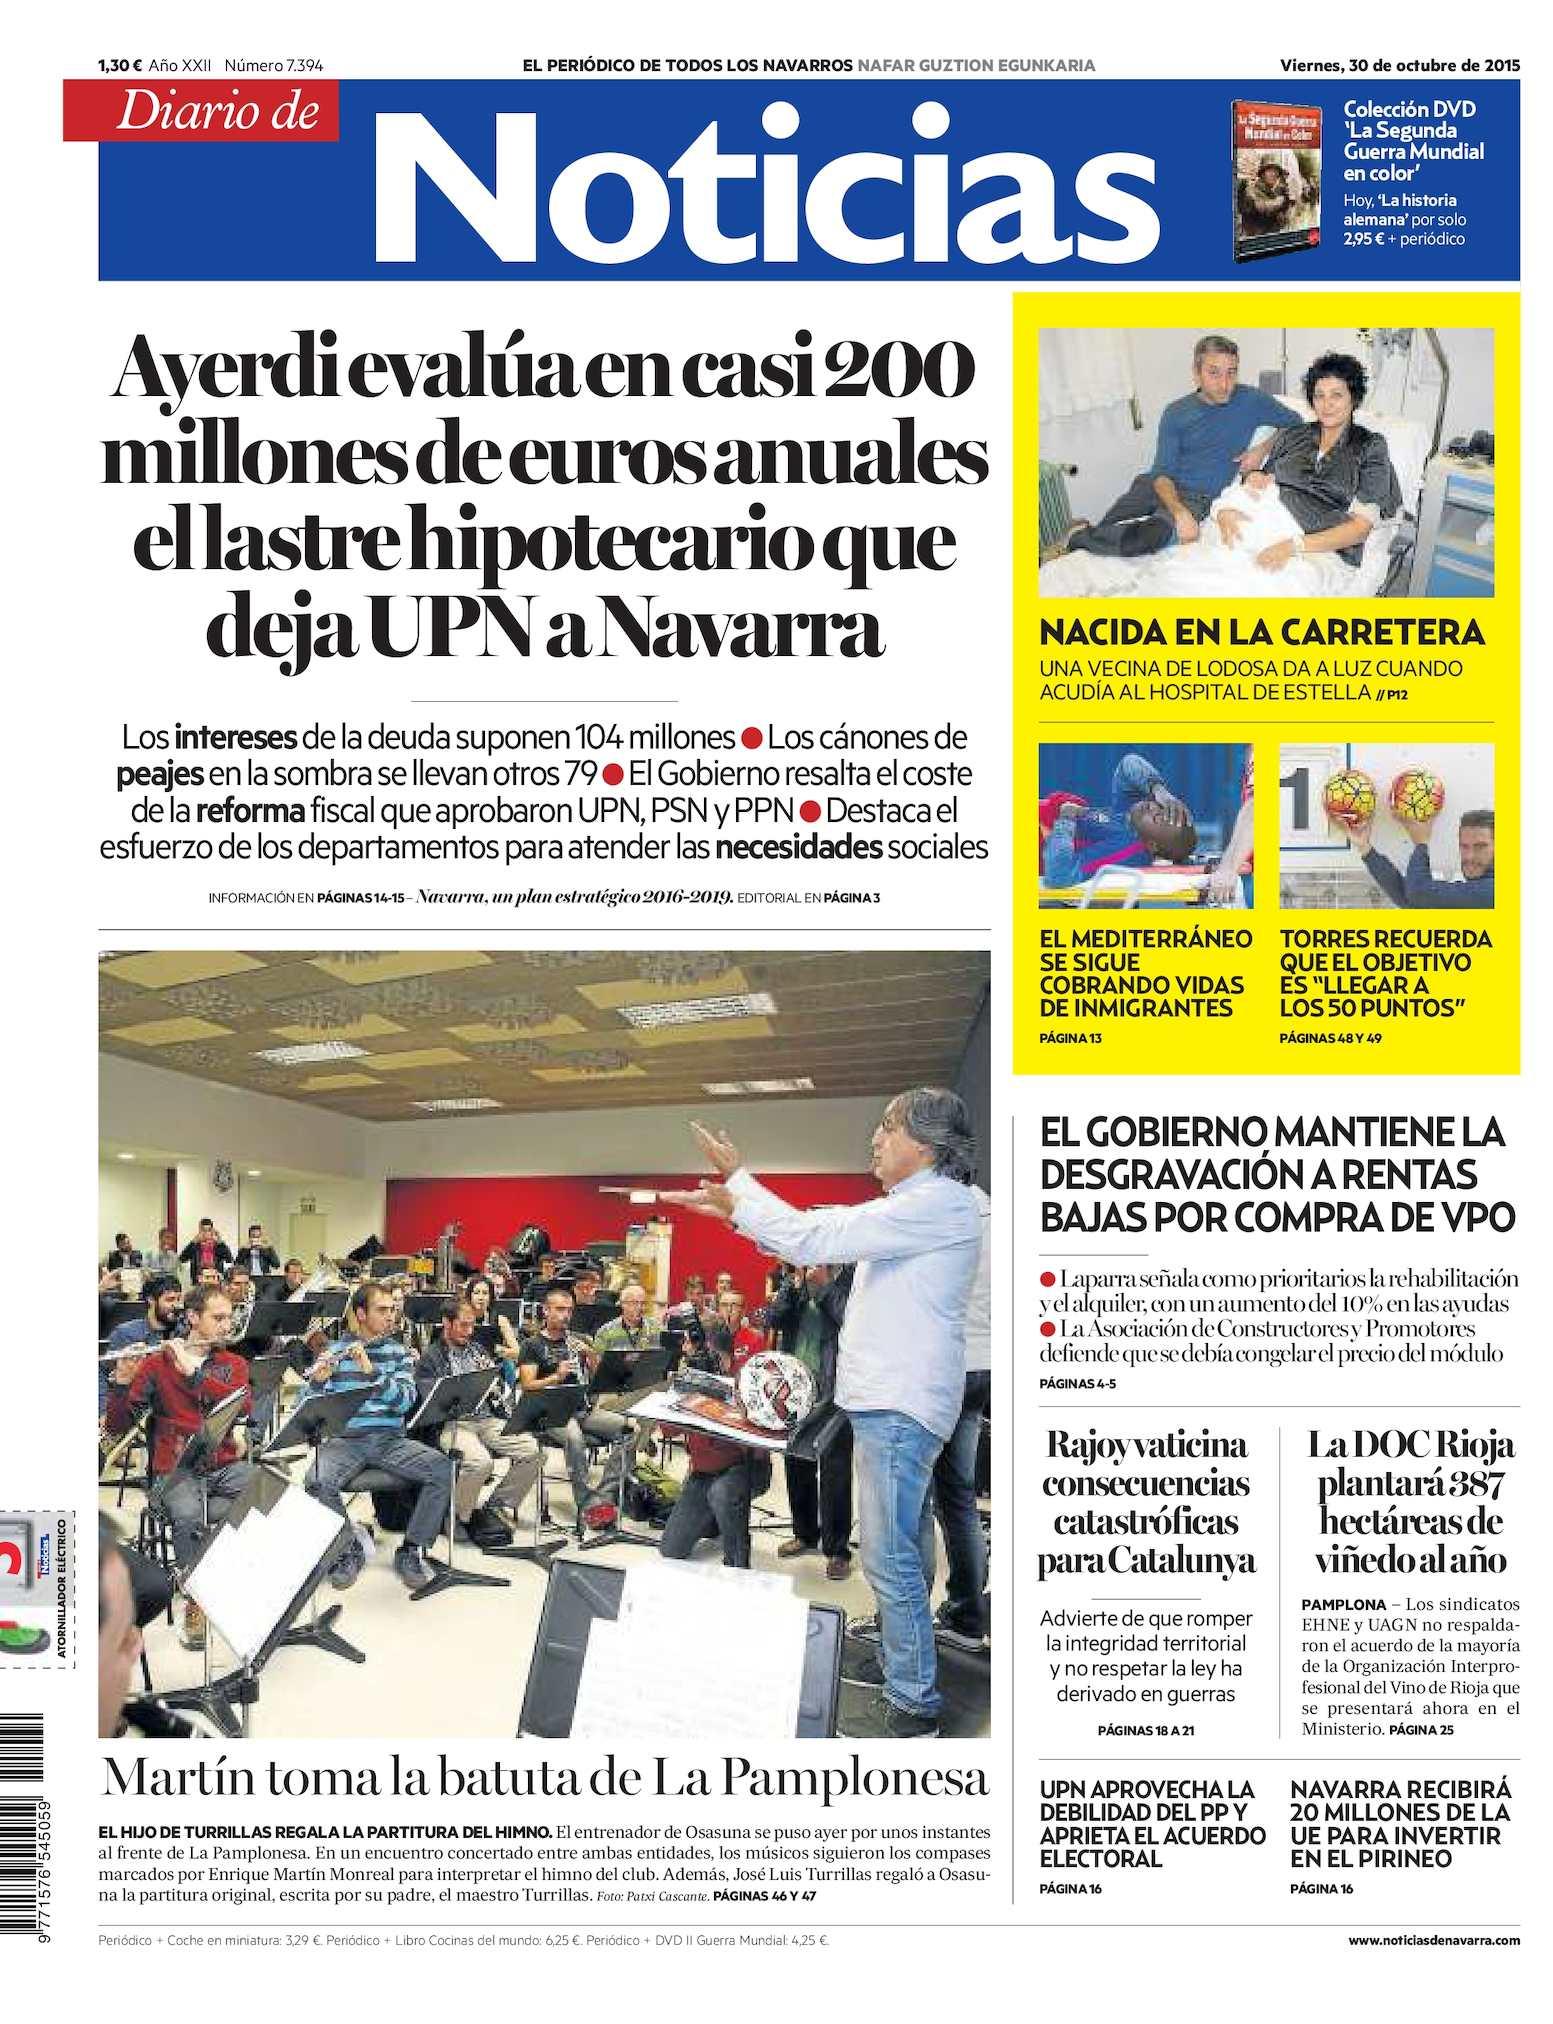 free shipping 79422 ae3d8 Calaméo - Diario de Noticias 20151030